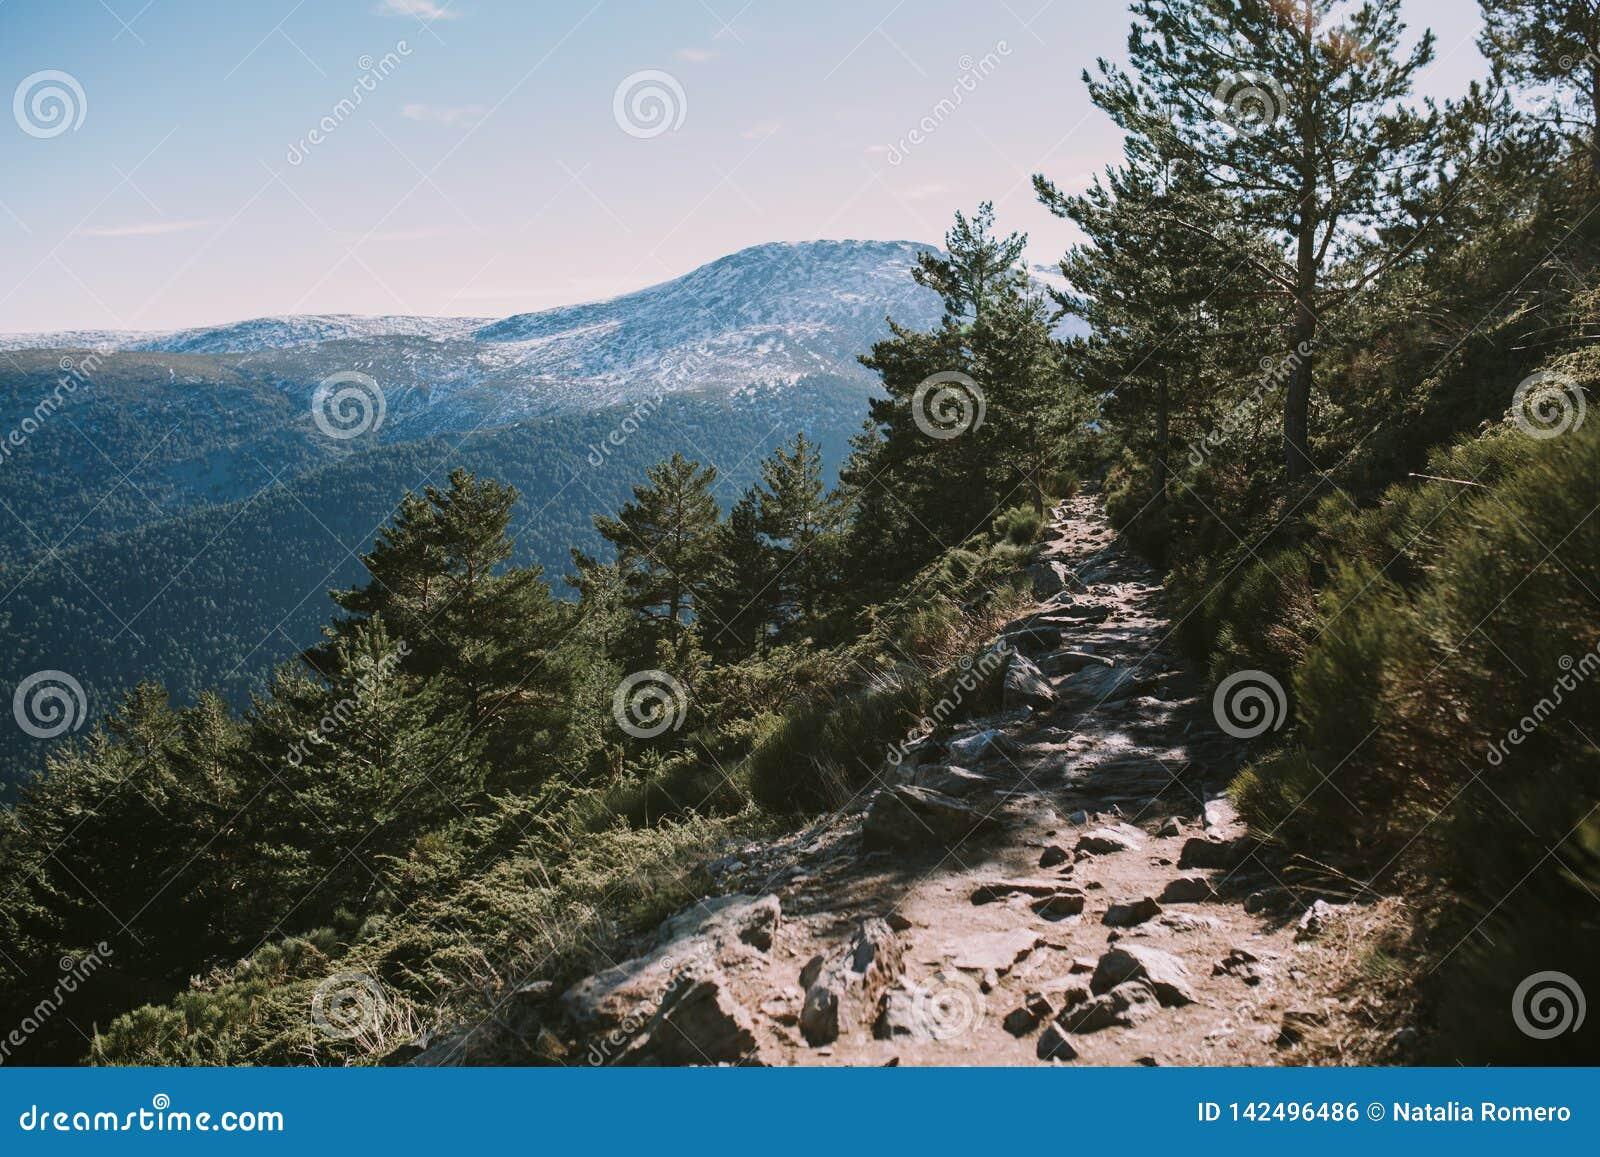 Landschap van een weg in het bos en de bergen